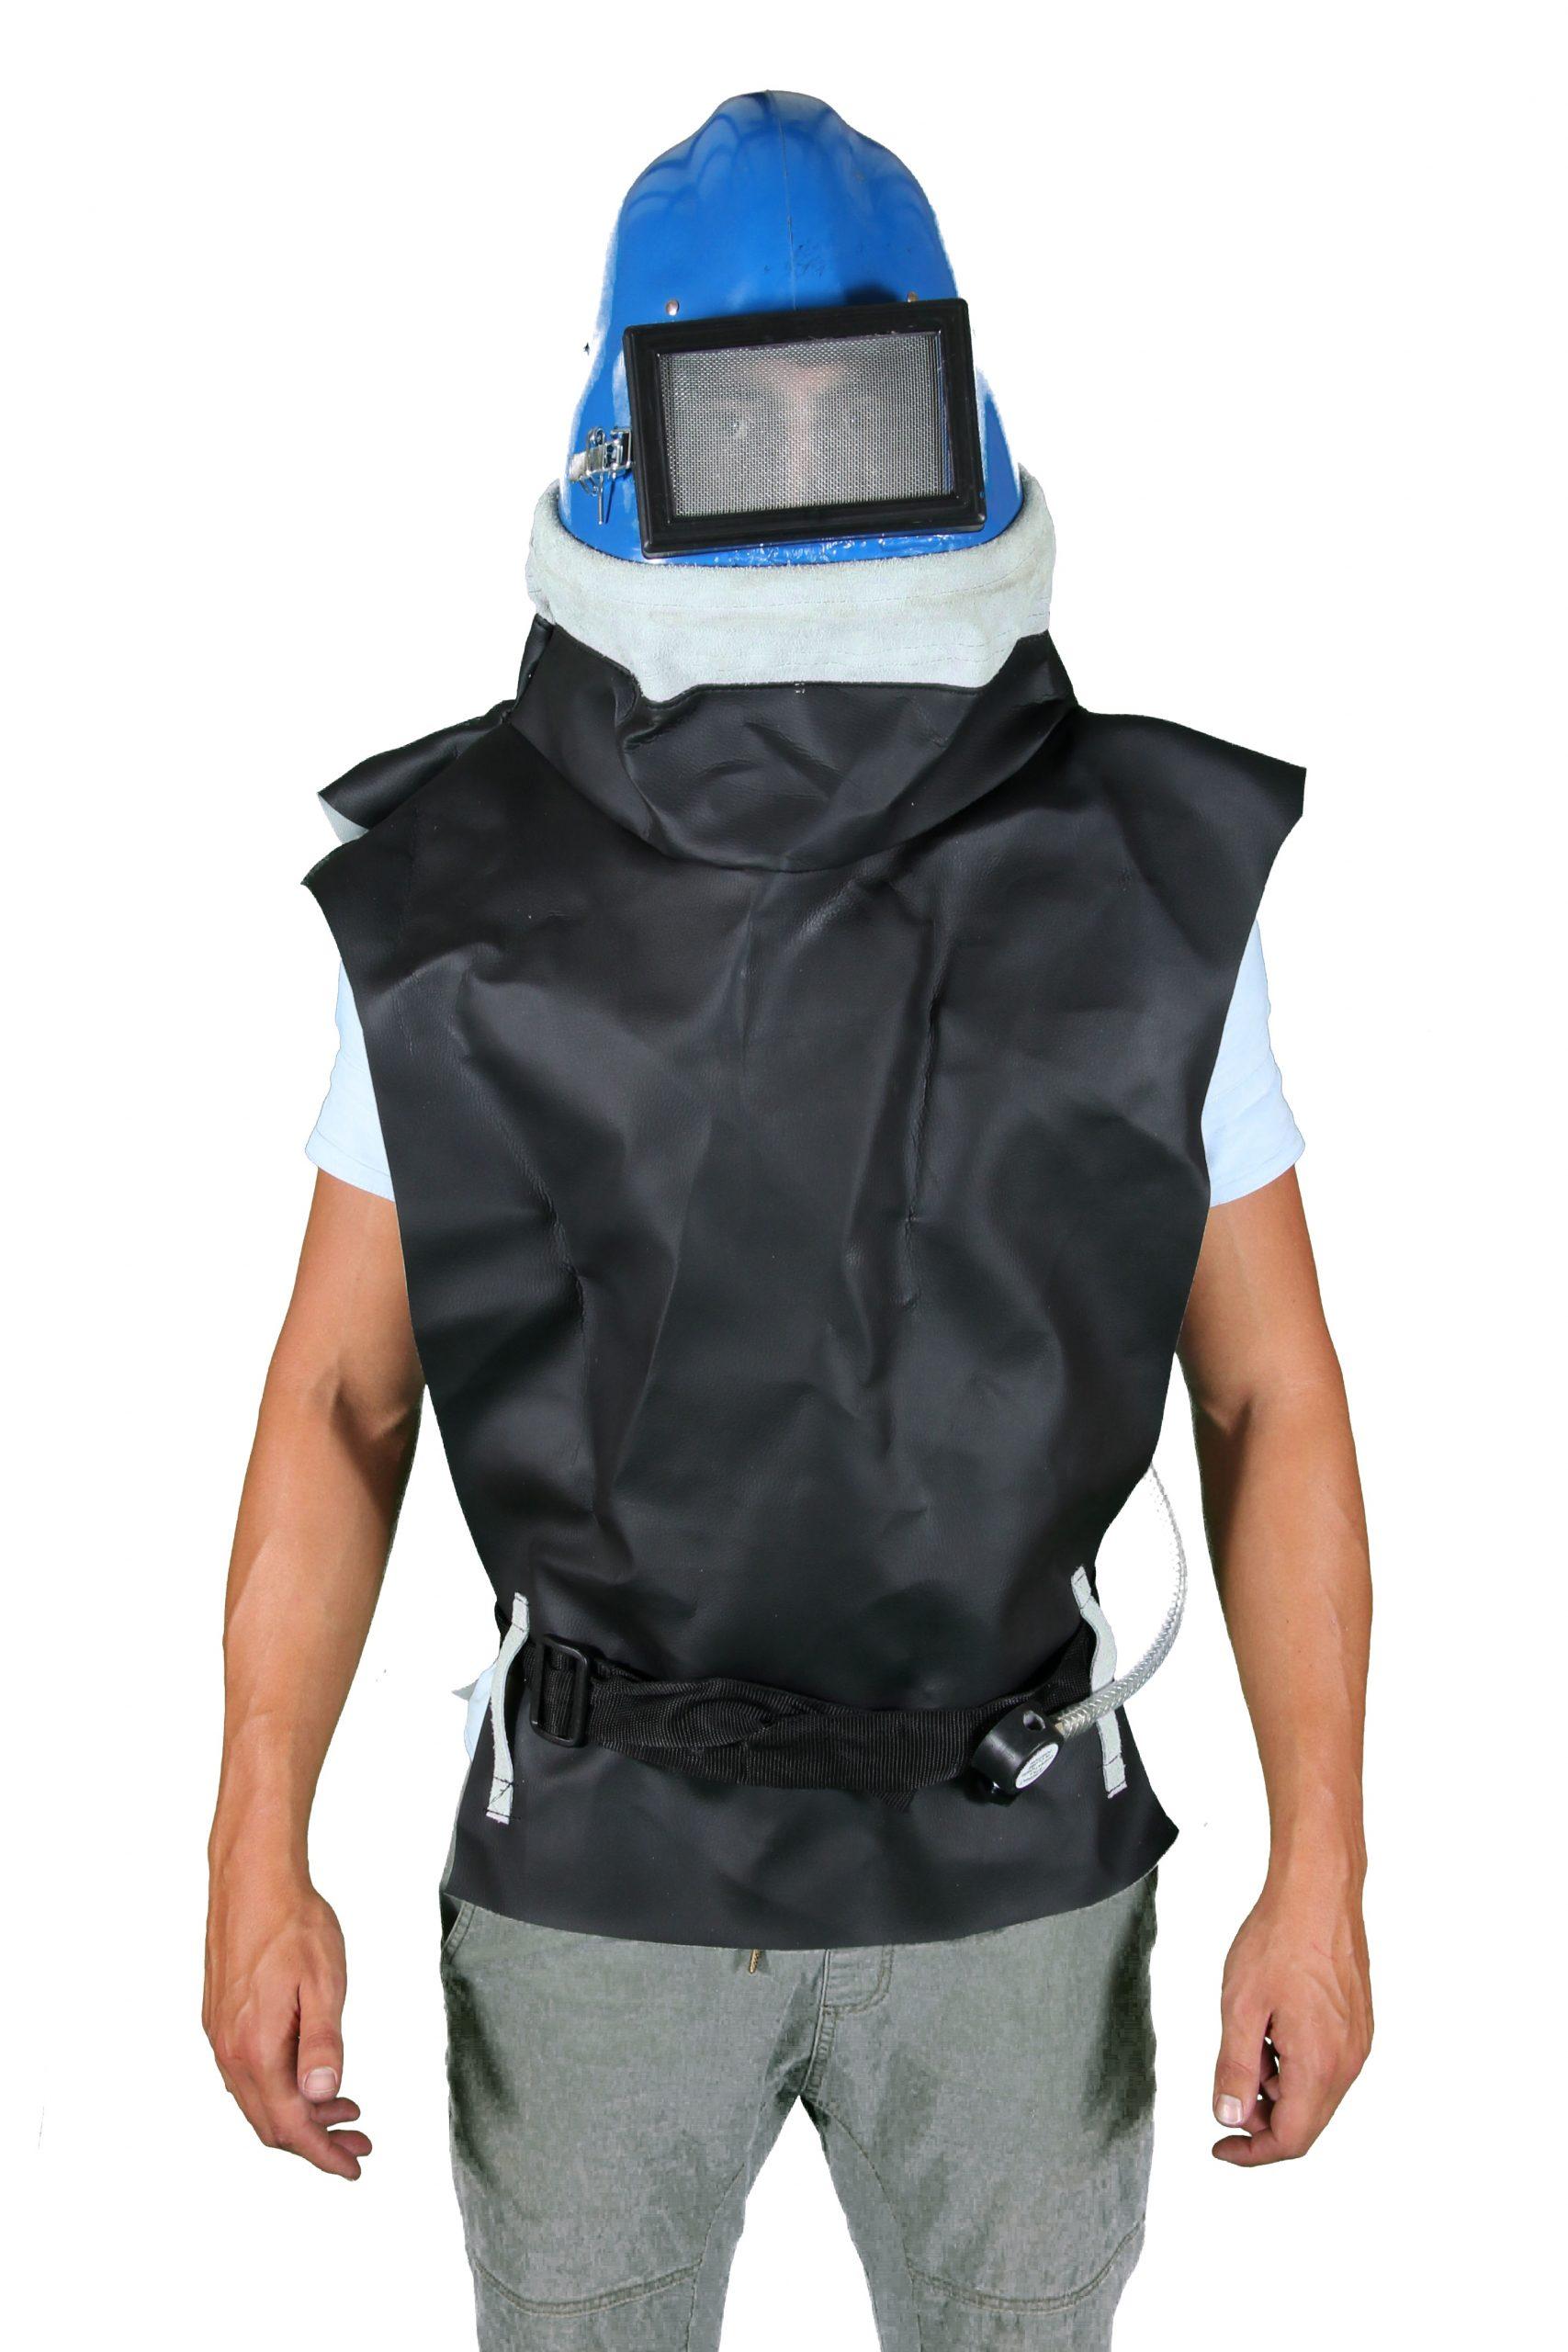 Blue Ruberized Sandblasting Helmet